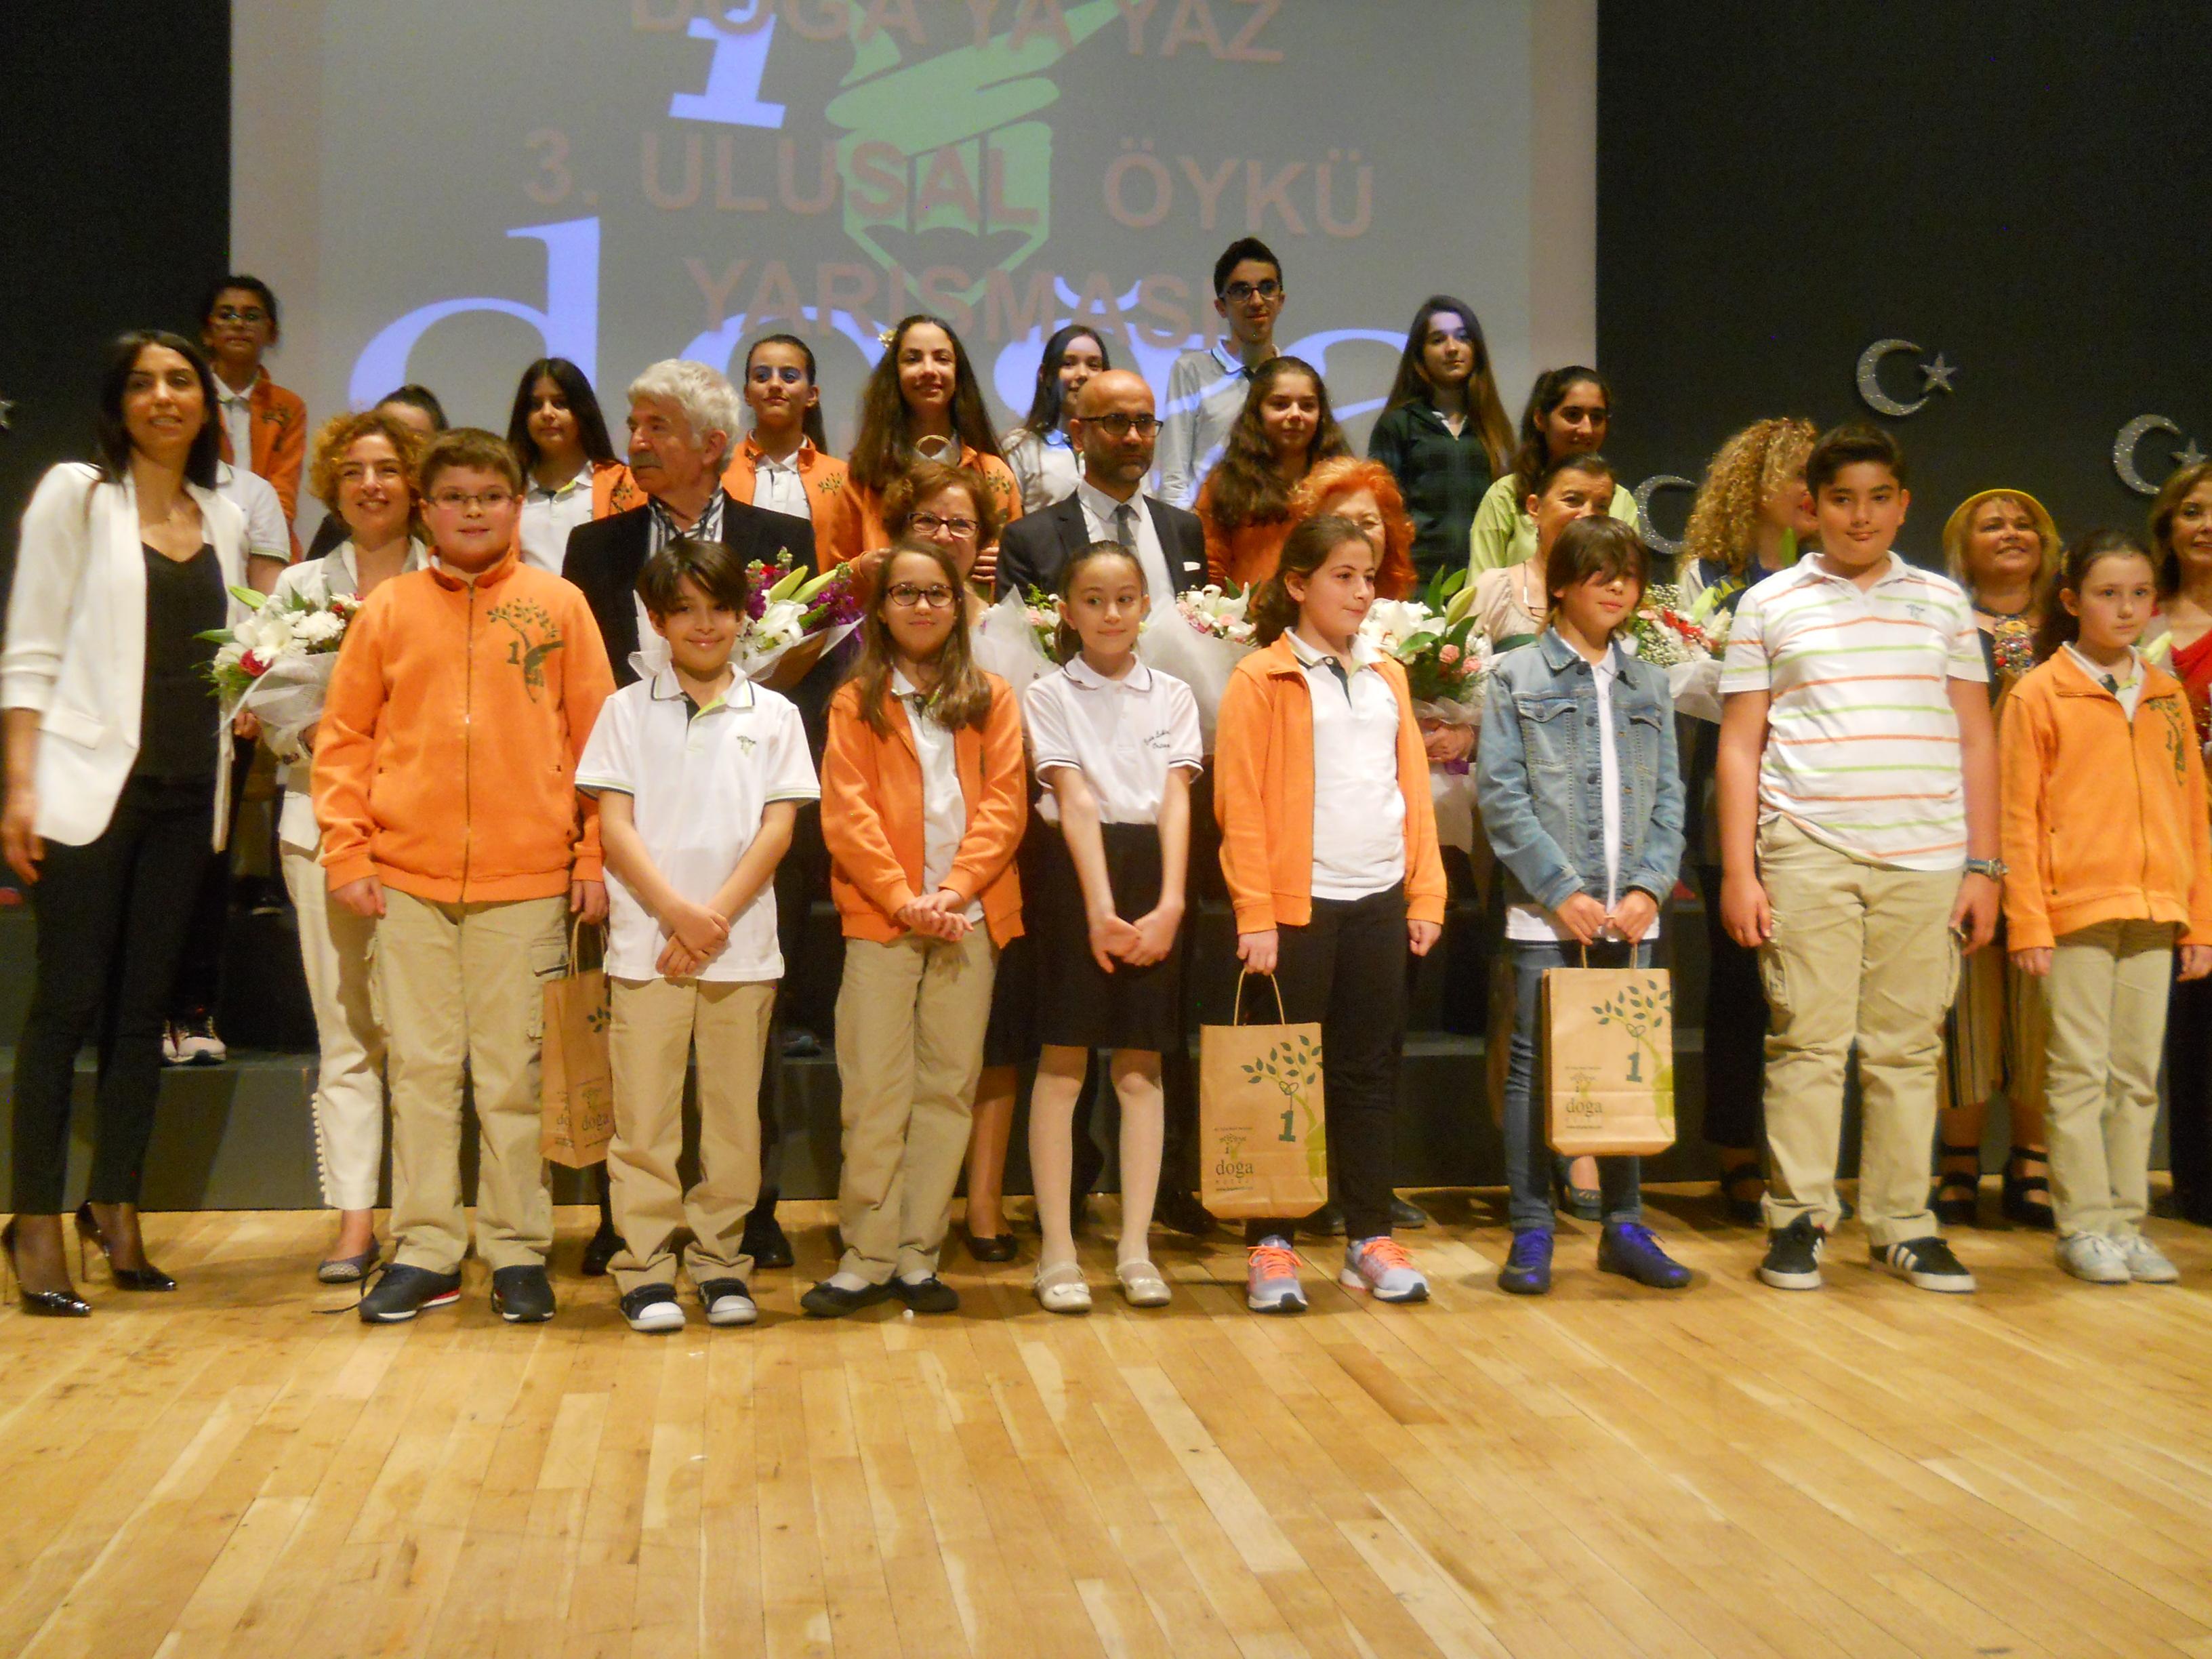 Doğa Okulları 3. Öykü Yarışması 2016 11